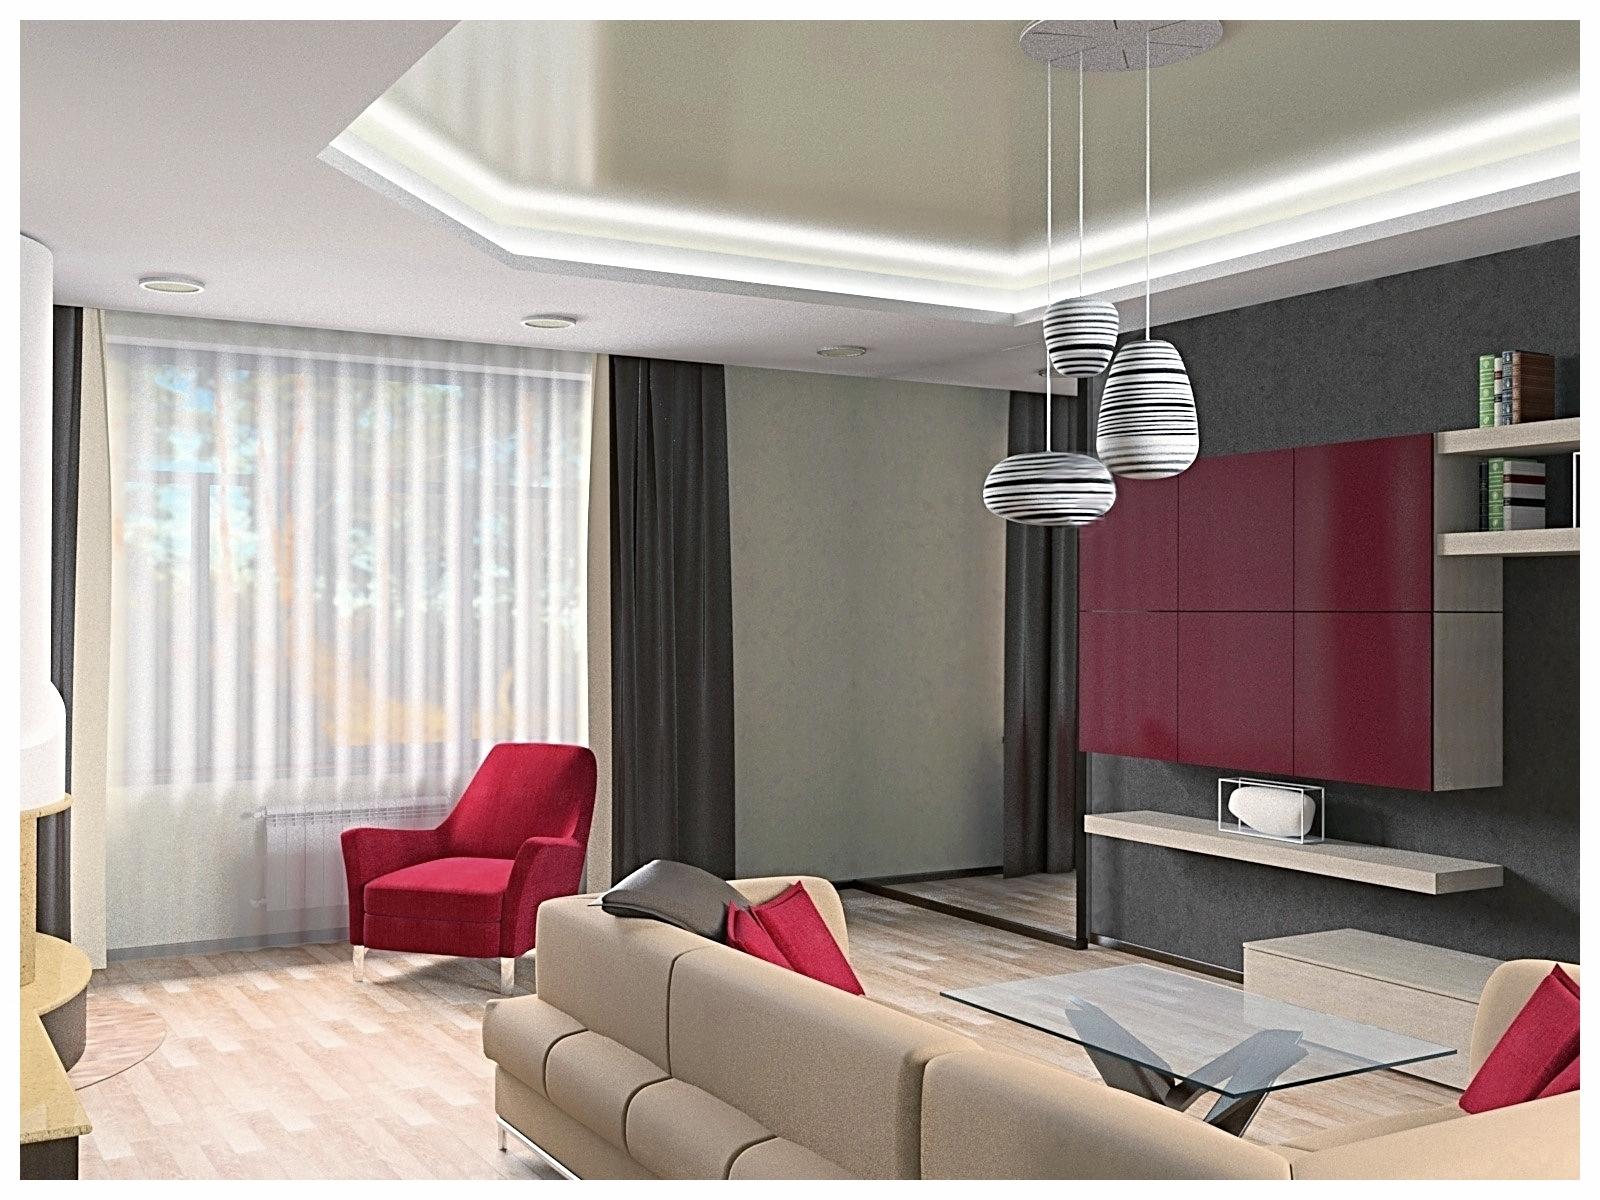 Дизайн интерьеров дома. Гостиная 3.